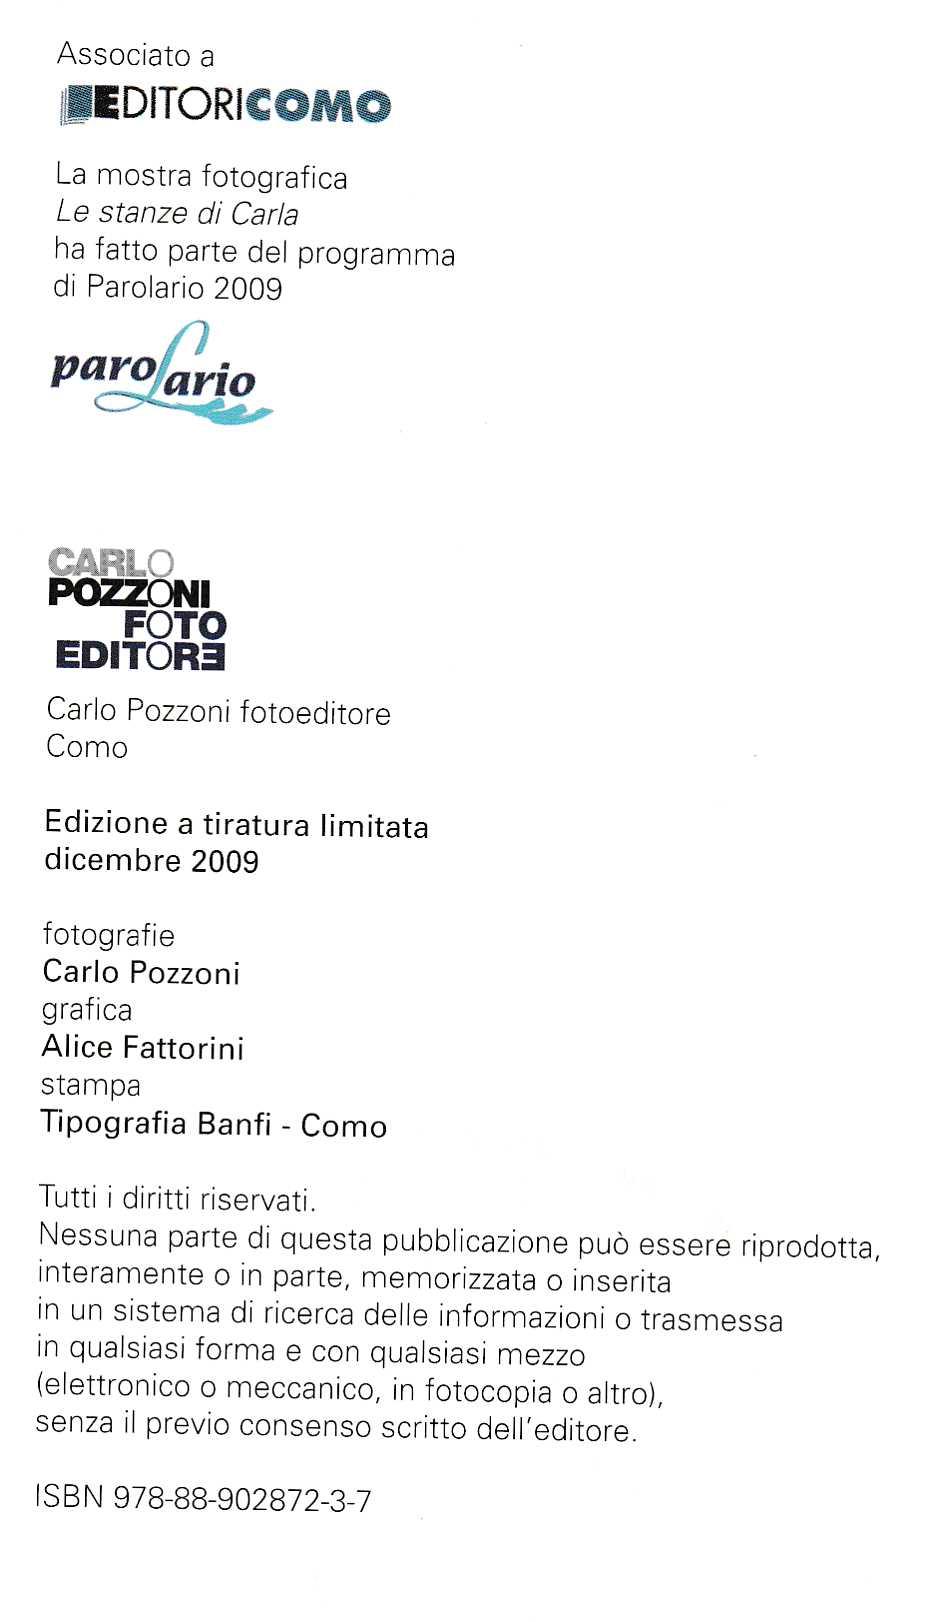 pozzoni5026